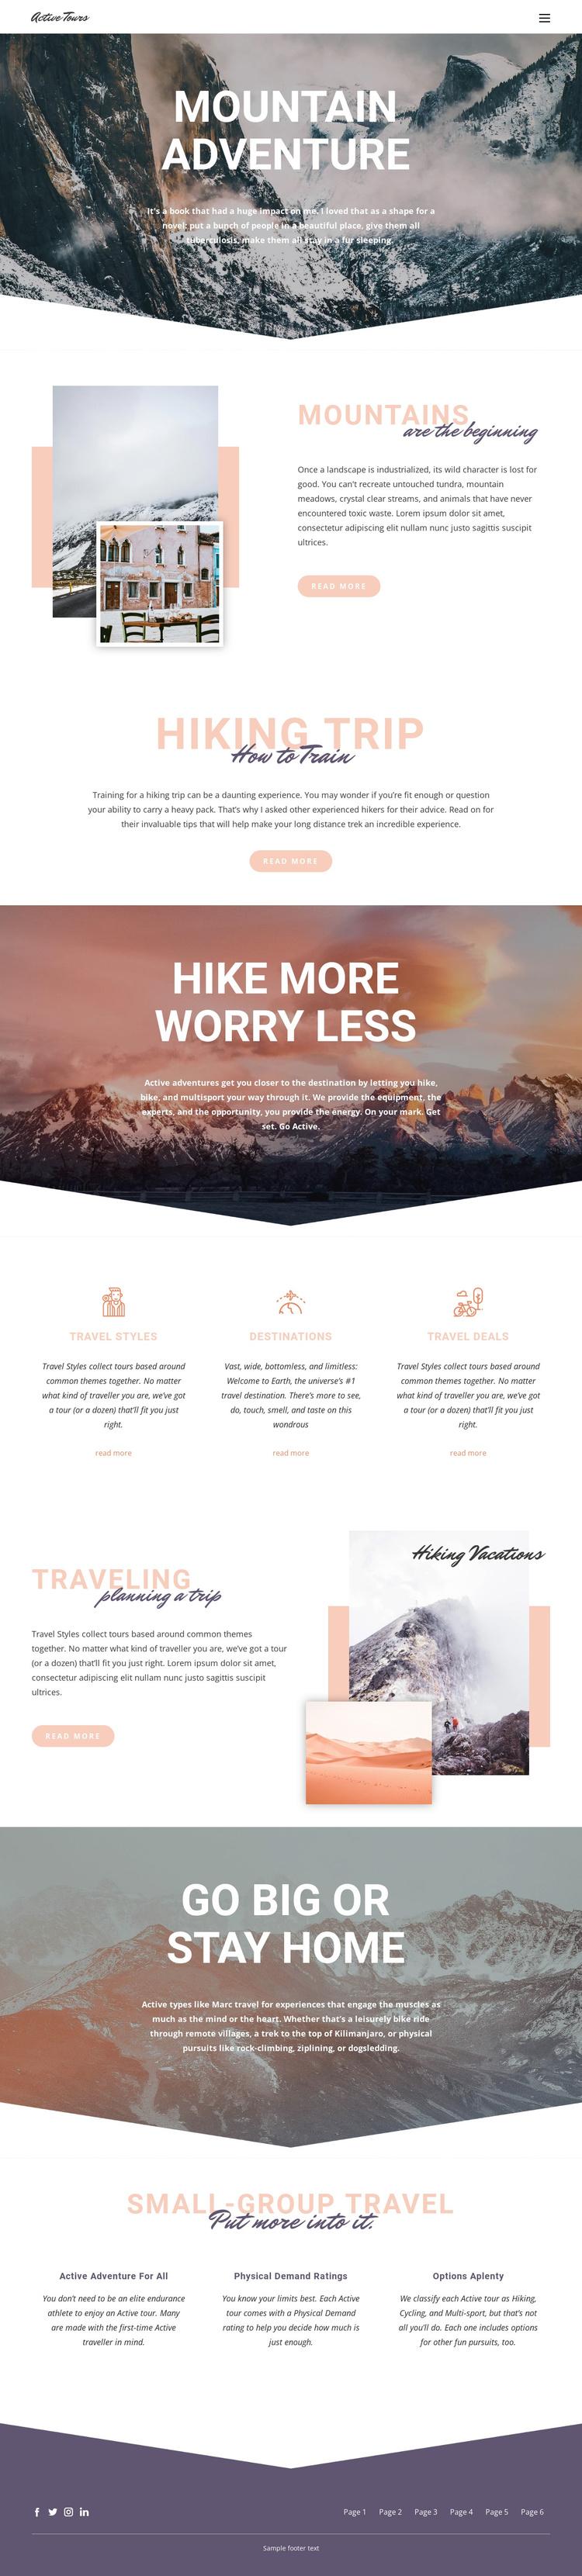 Mountain Adventure Joomla Template